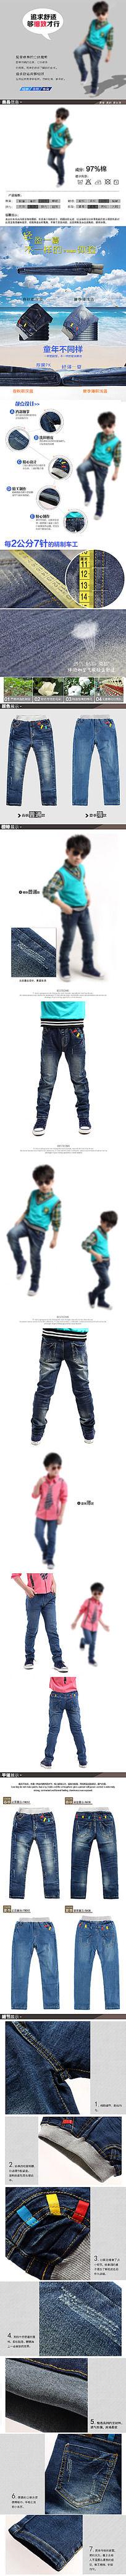 牛仔长裤爆款淘宝详情页